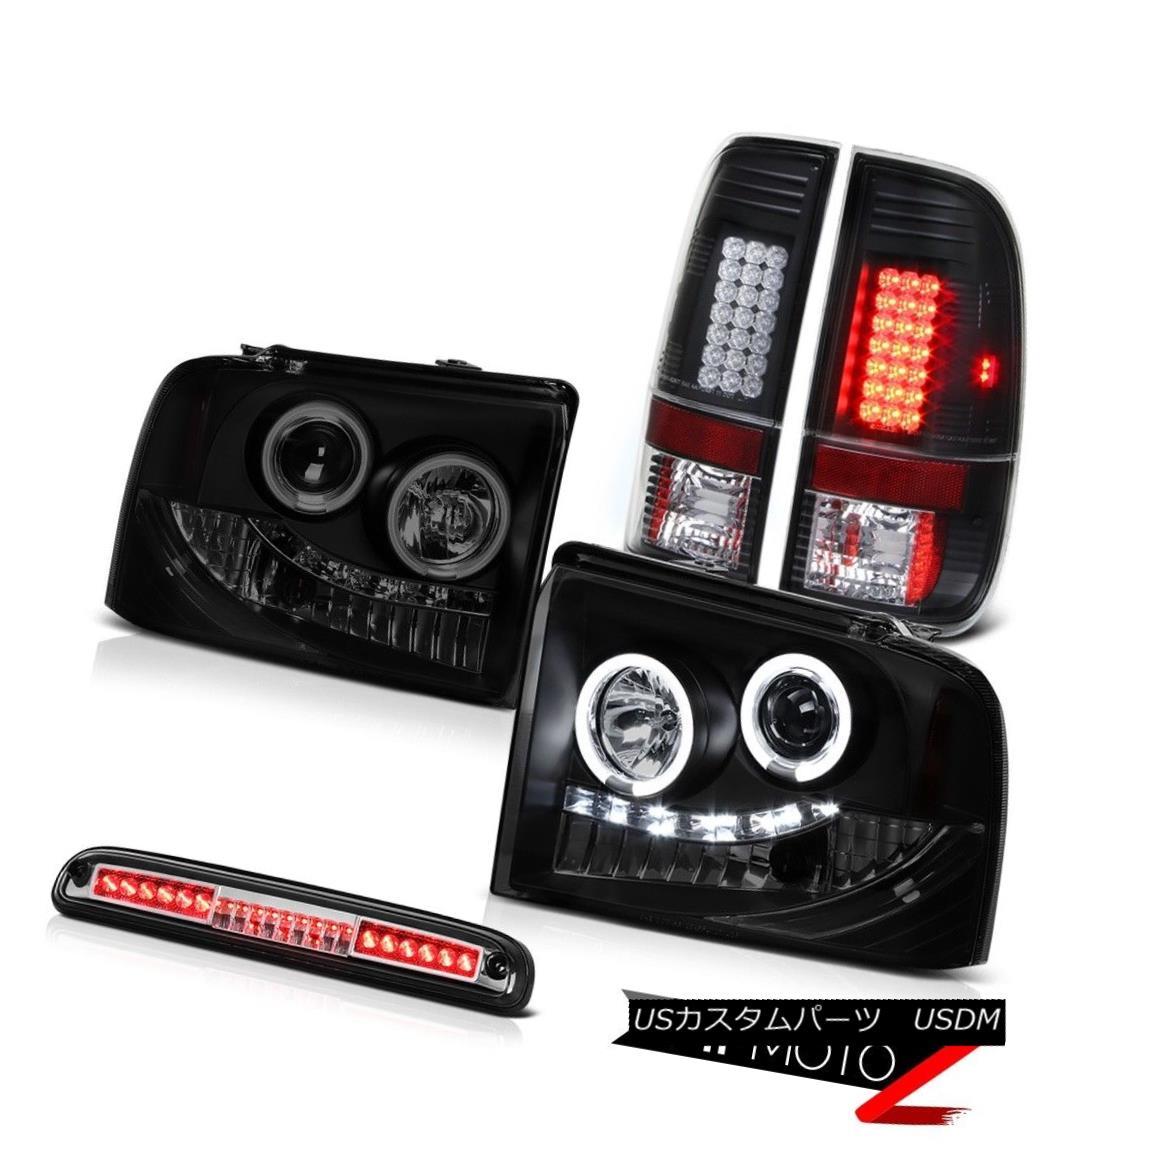 テールライト Sinister Black CCFL Rim Headlights Brake Tail Lights LED 05-07 F350 TurboDiesel SinisterブラックCCFLリムヘッドライトブレーキテールライトLED 05-07 F350 TurboDiesel